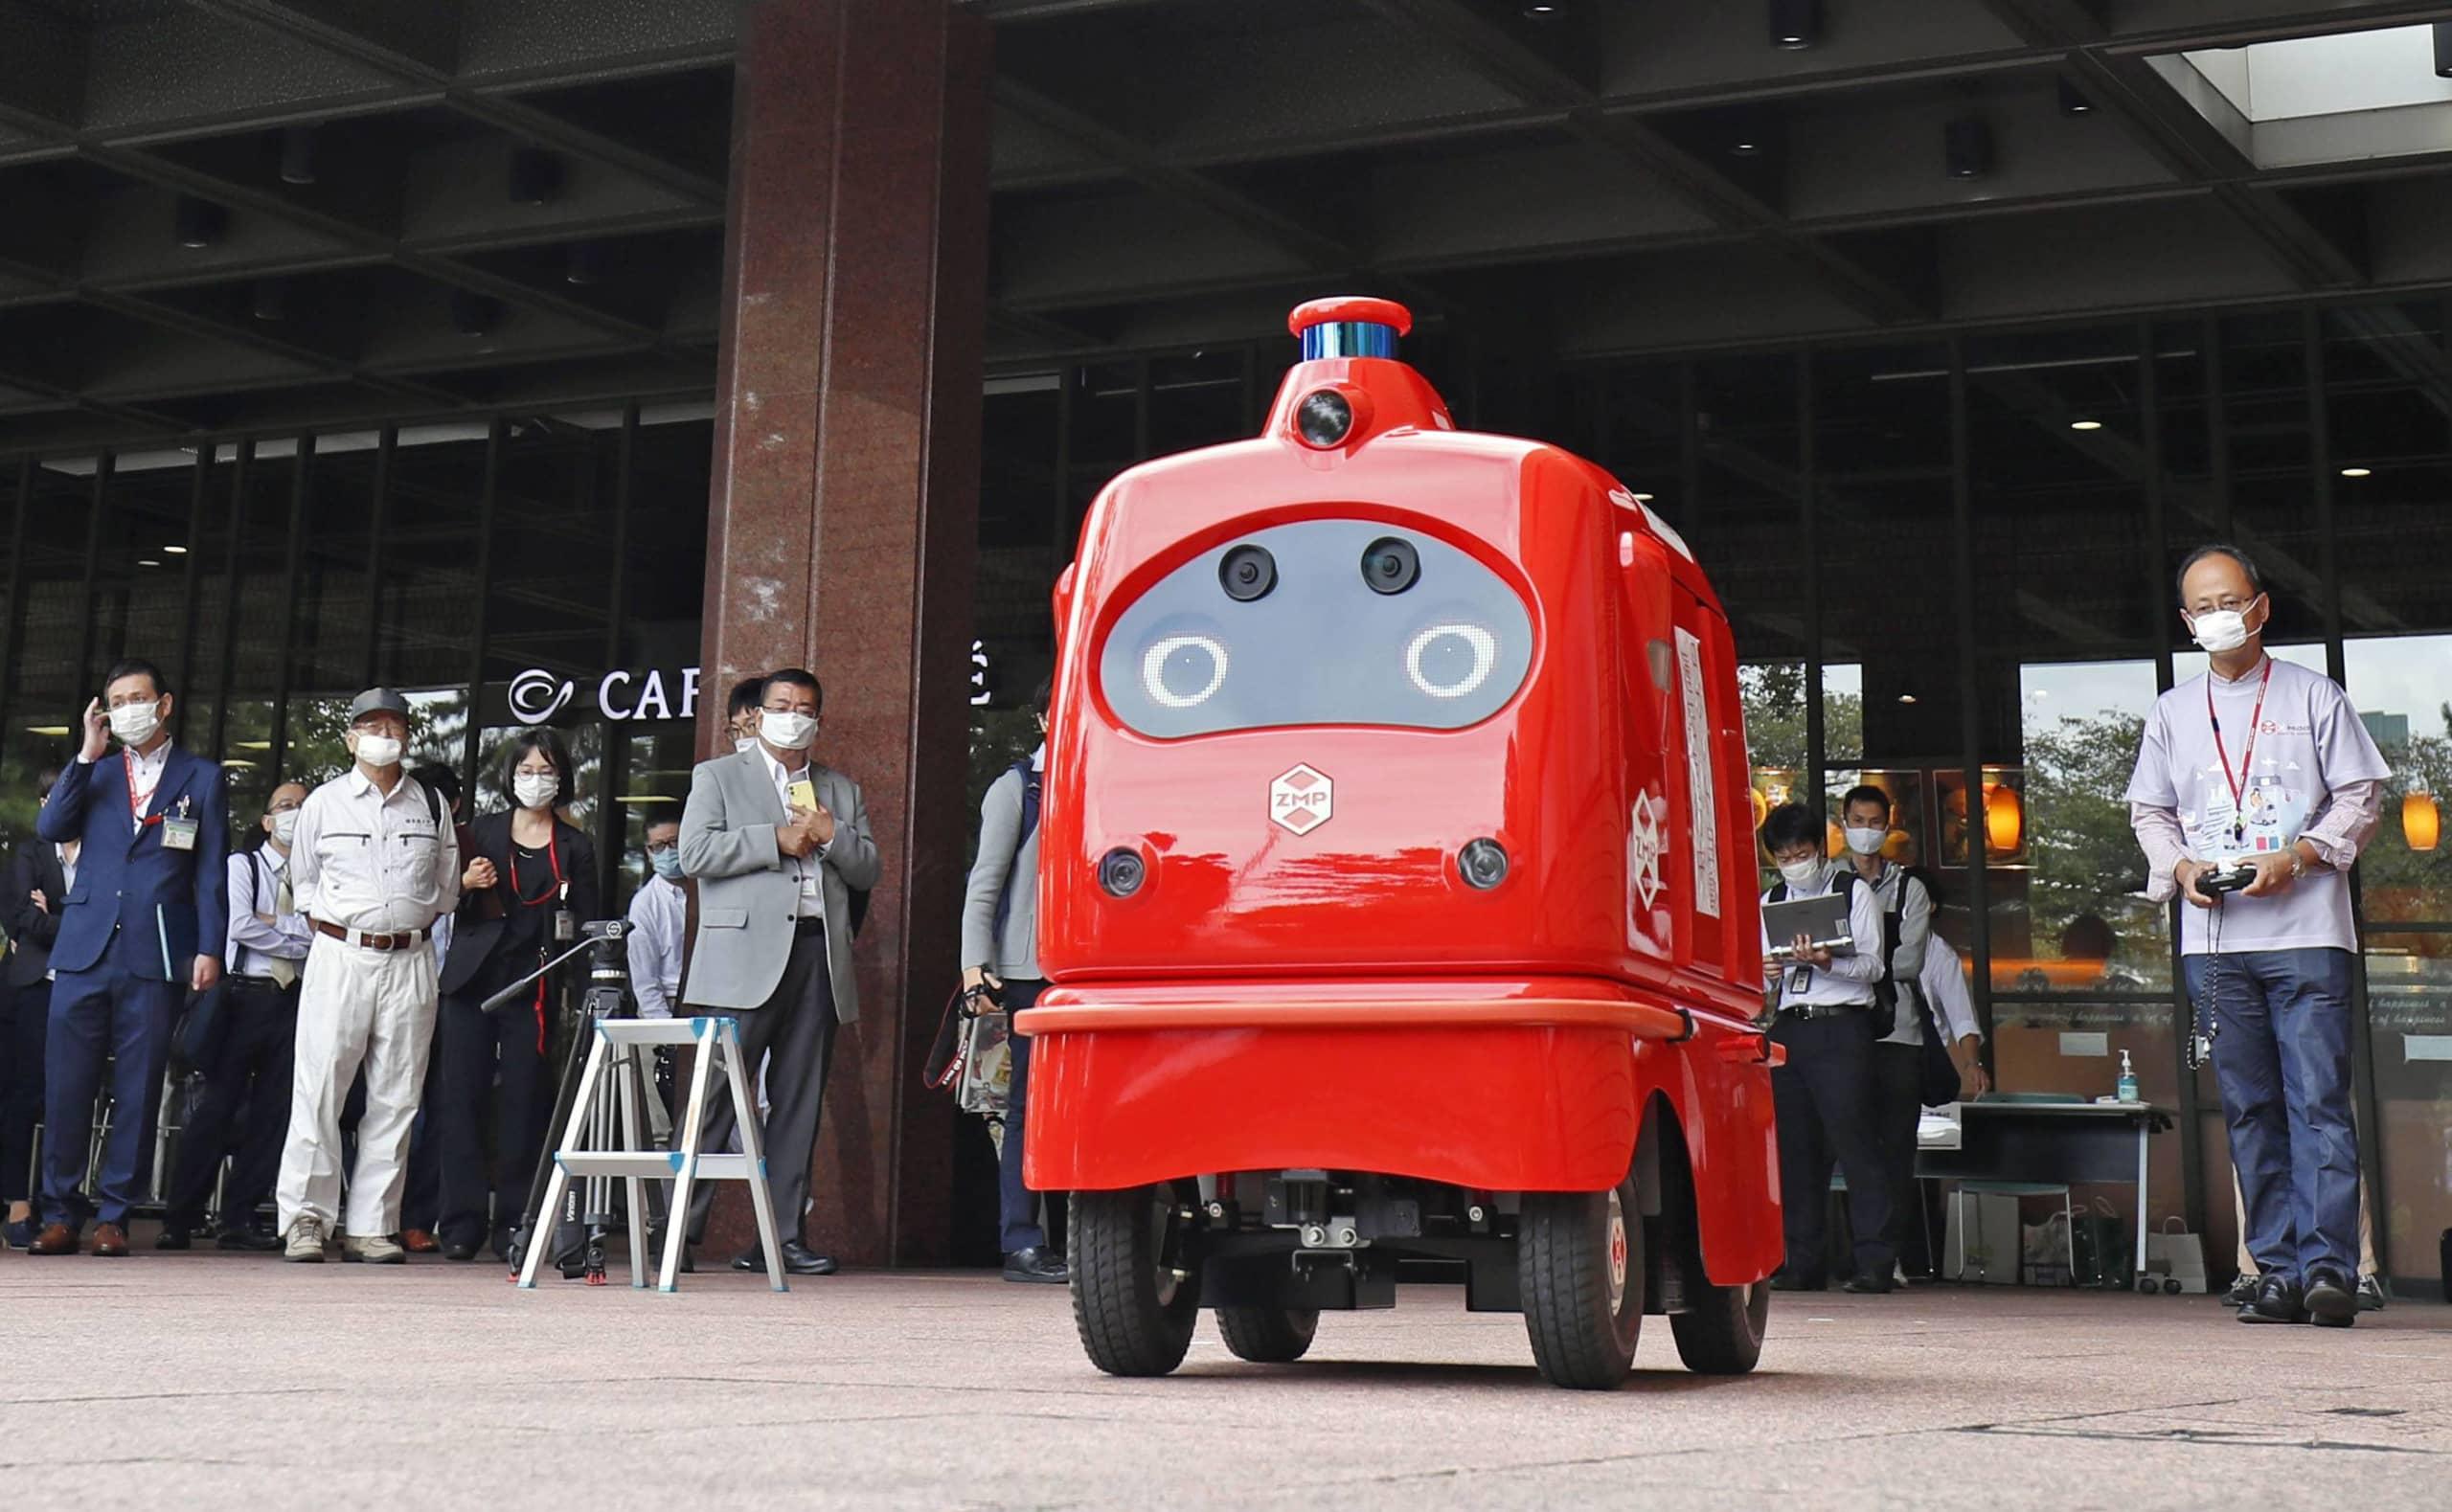 जनसंख्या घटेपछि प्रबिधिको भर ! टोकियोमा अब चिठिपत्र रोबोटले घरघरमा पुर्याउने